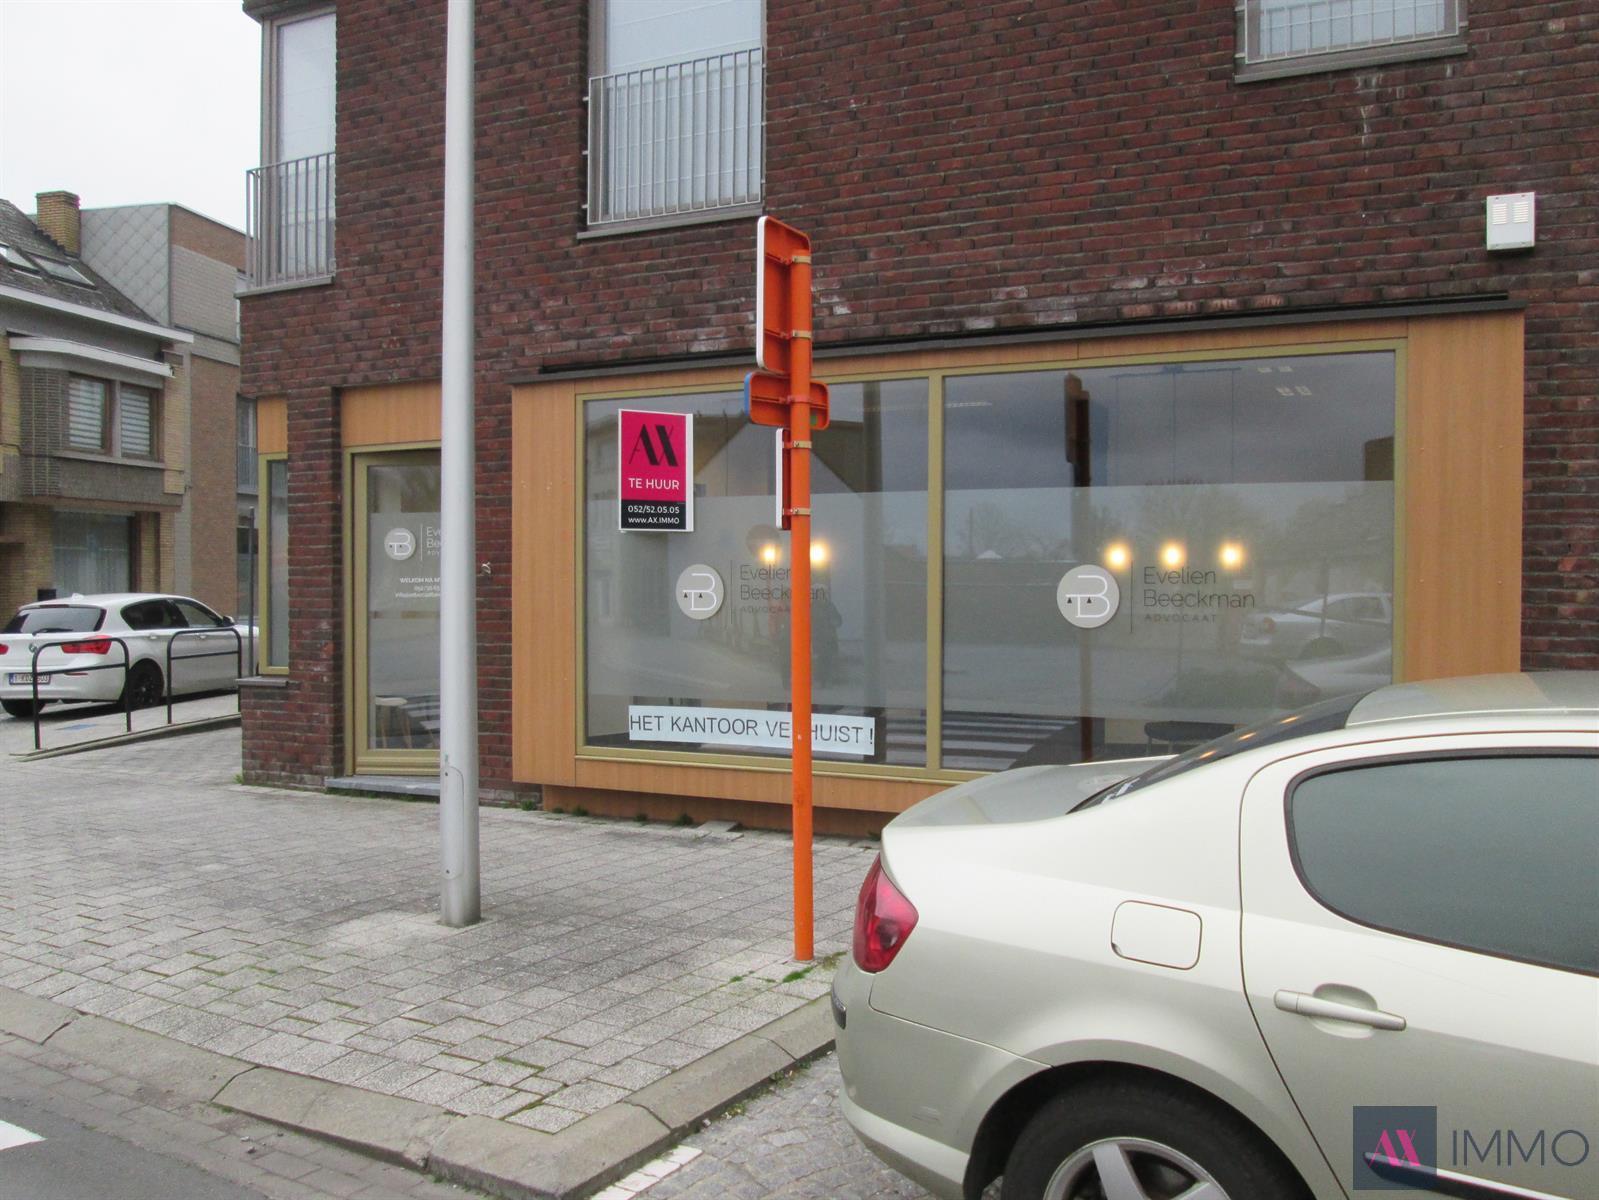 Lichtrijk handelspand met ruime vitrine.